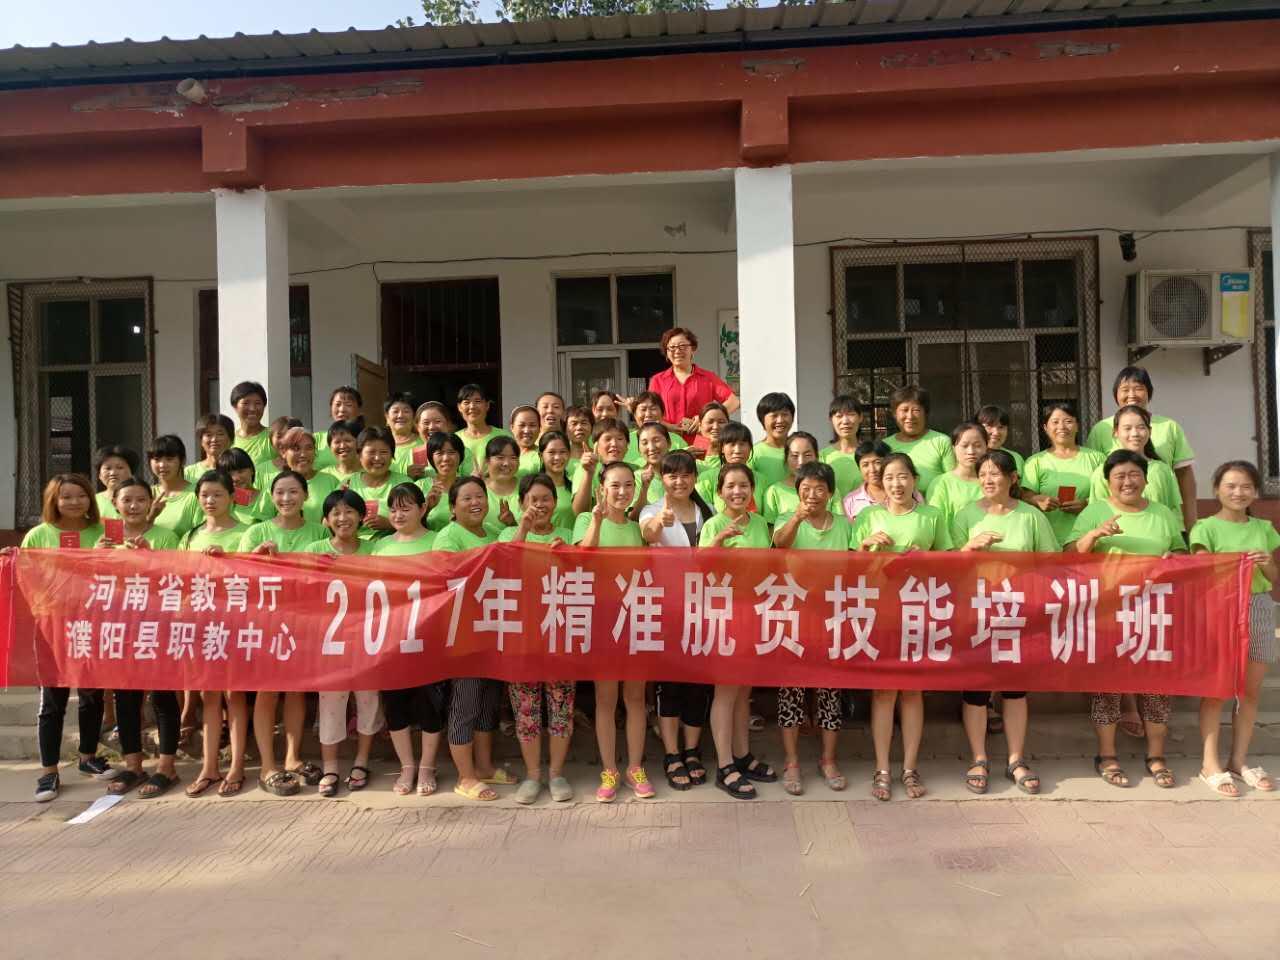 2017年濮阳县职业教育培训中心 精准脱贫技能培训